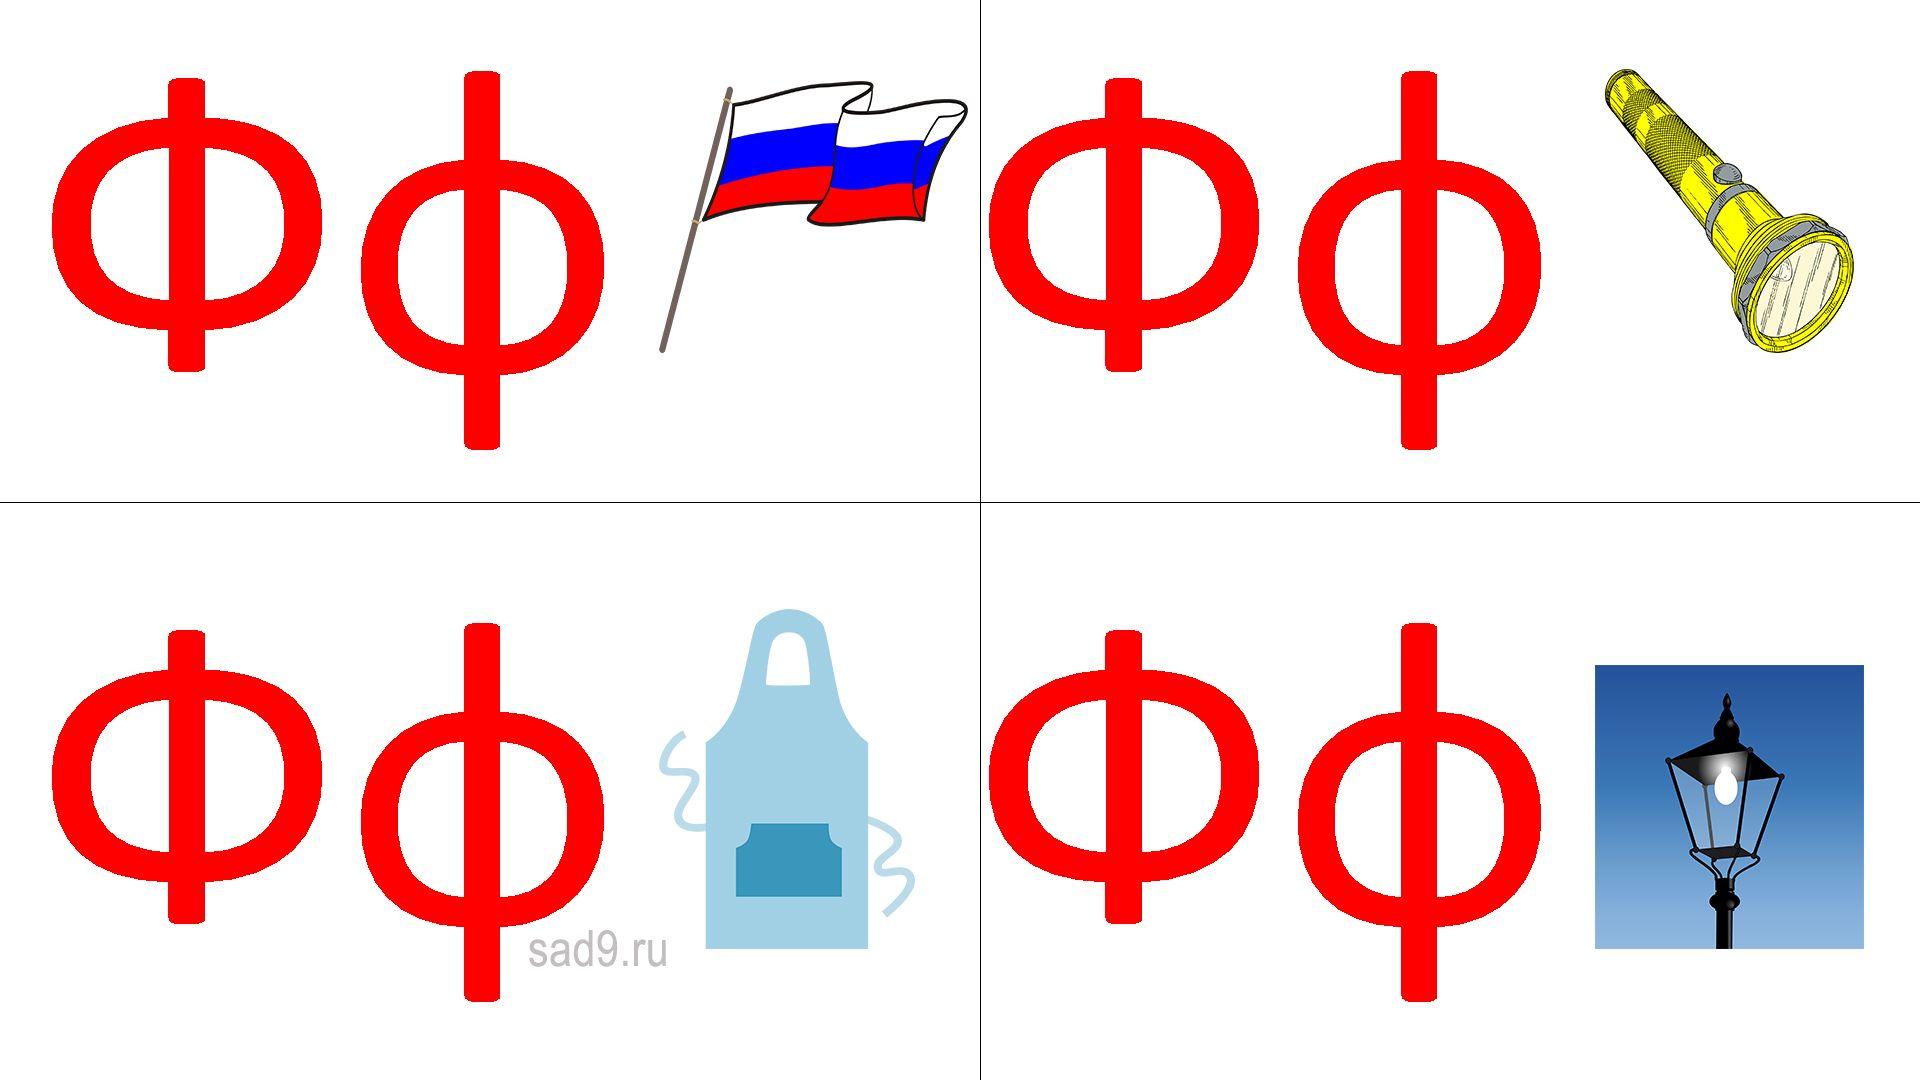 Учим букву Ф, русский алфавит